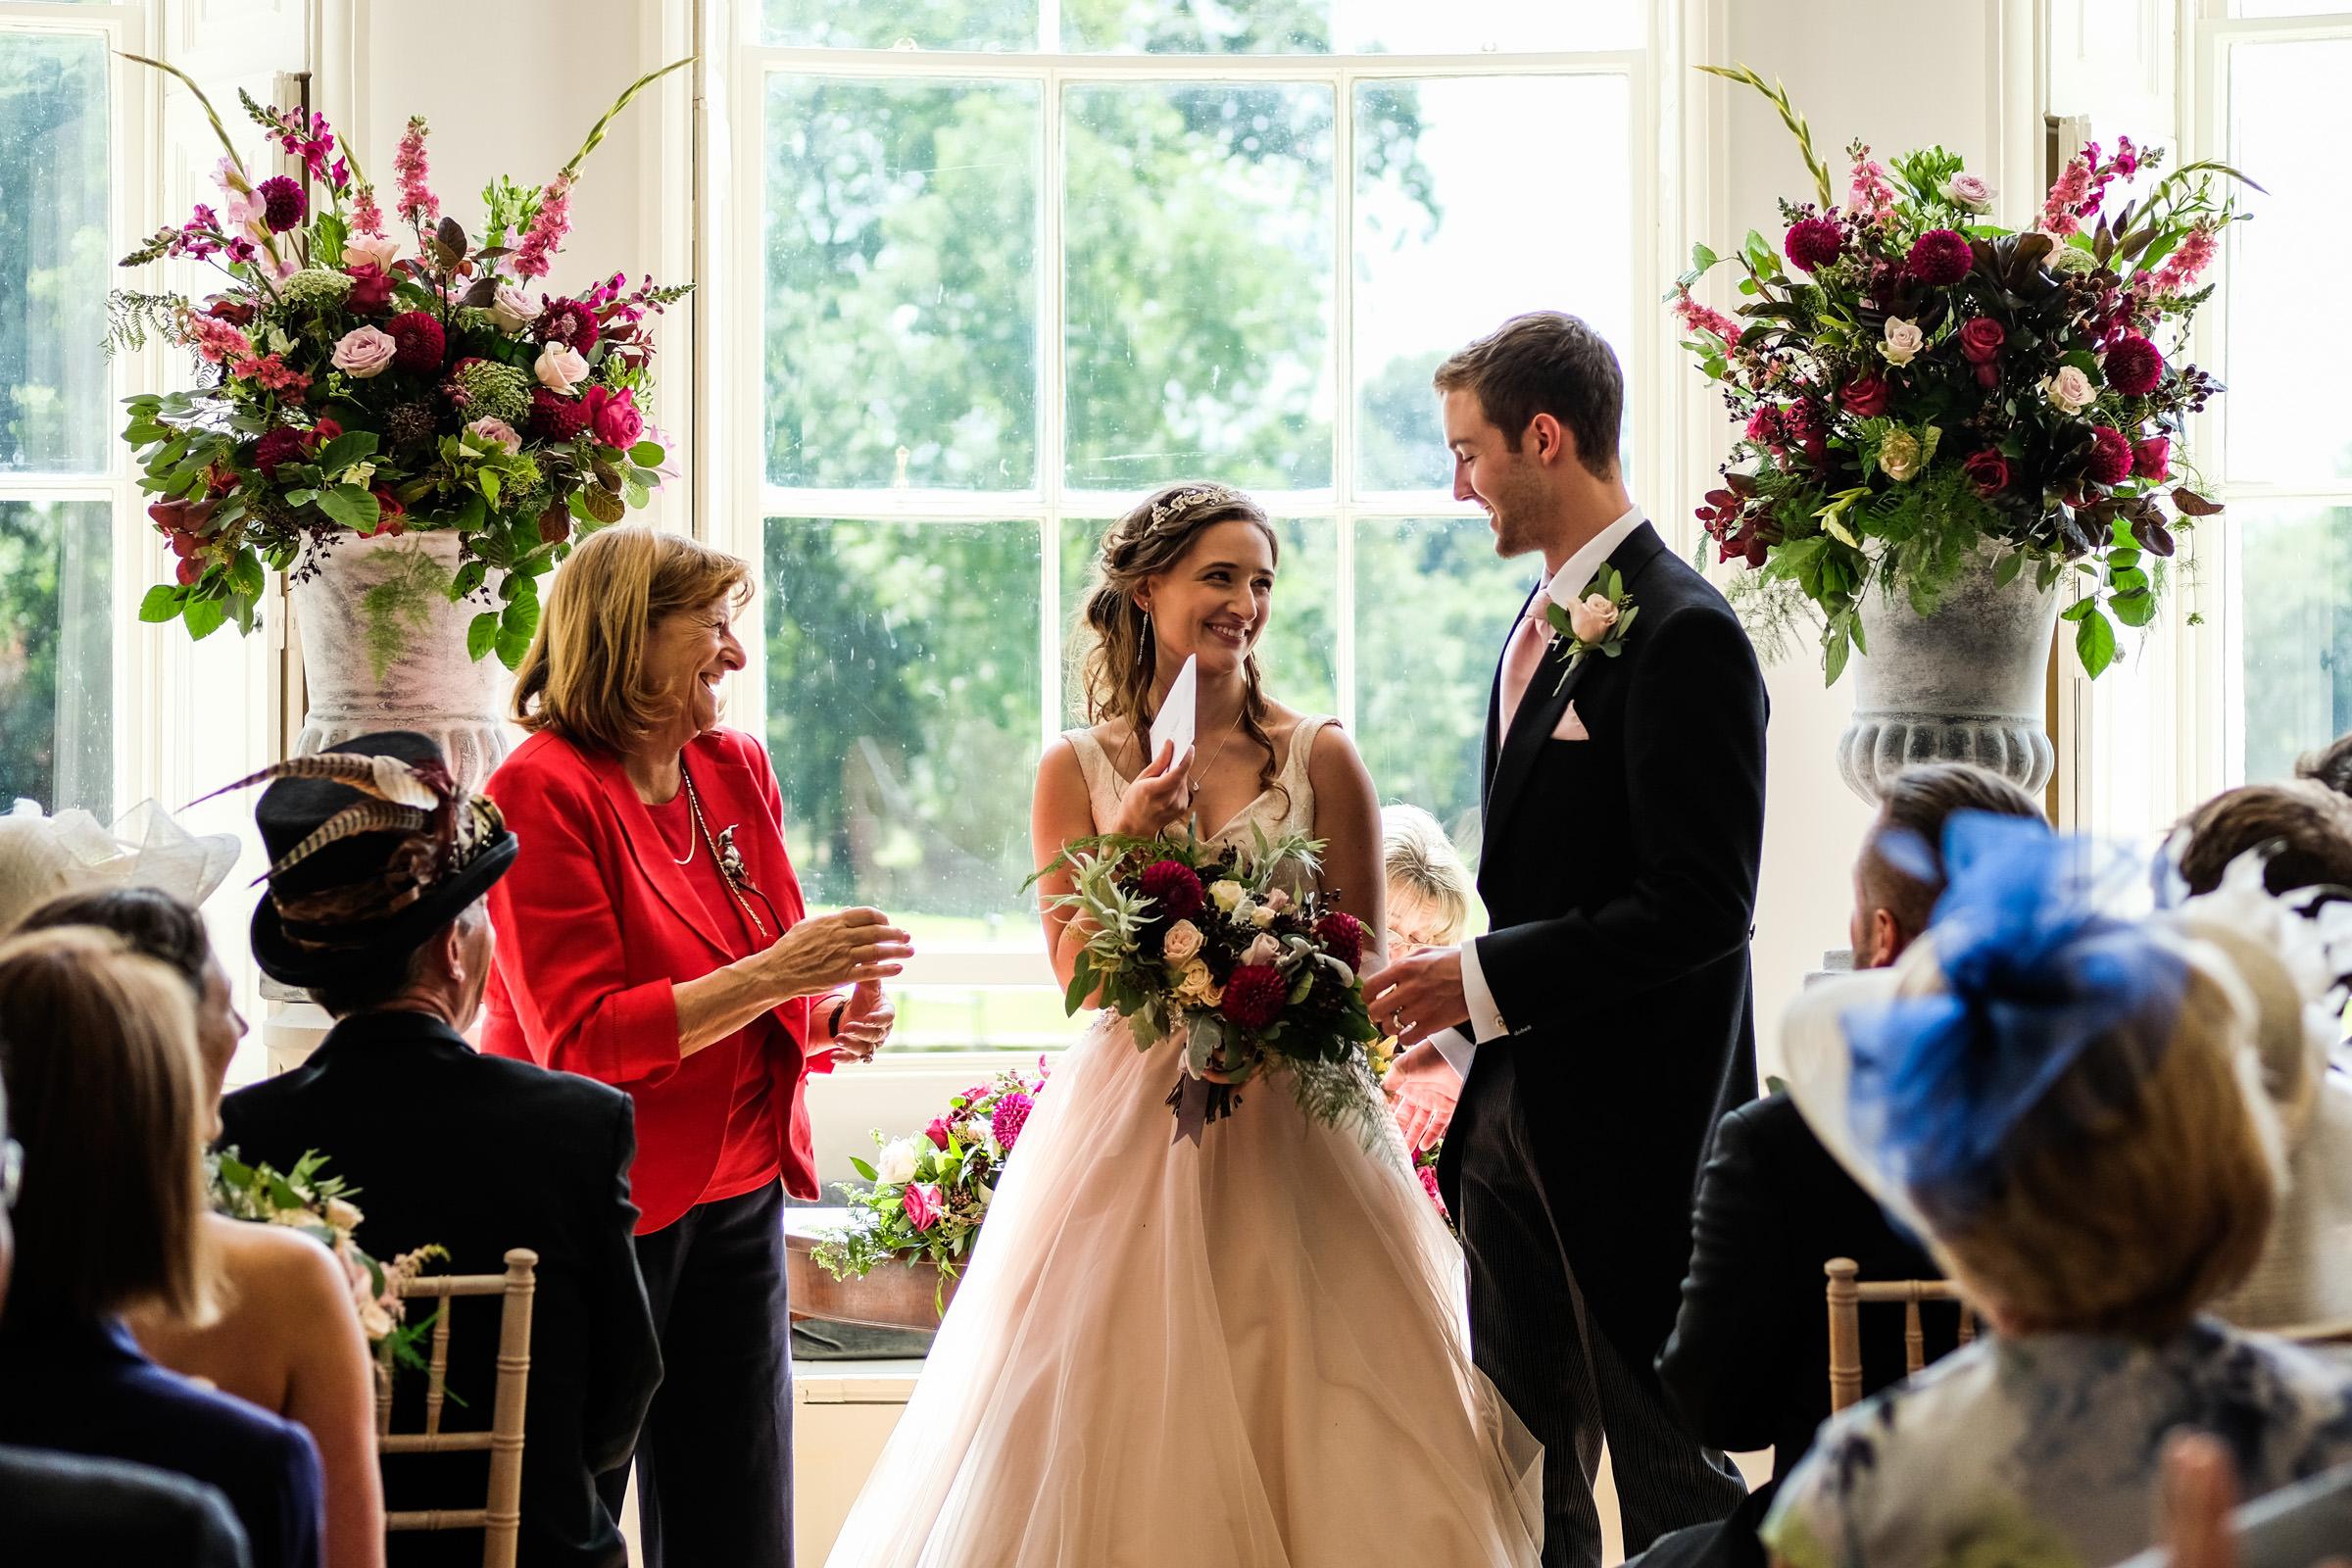 Rockbeare+Manor+Wedding+Photos+Devon+015.jpg